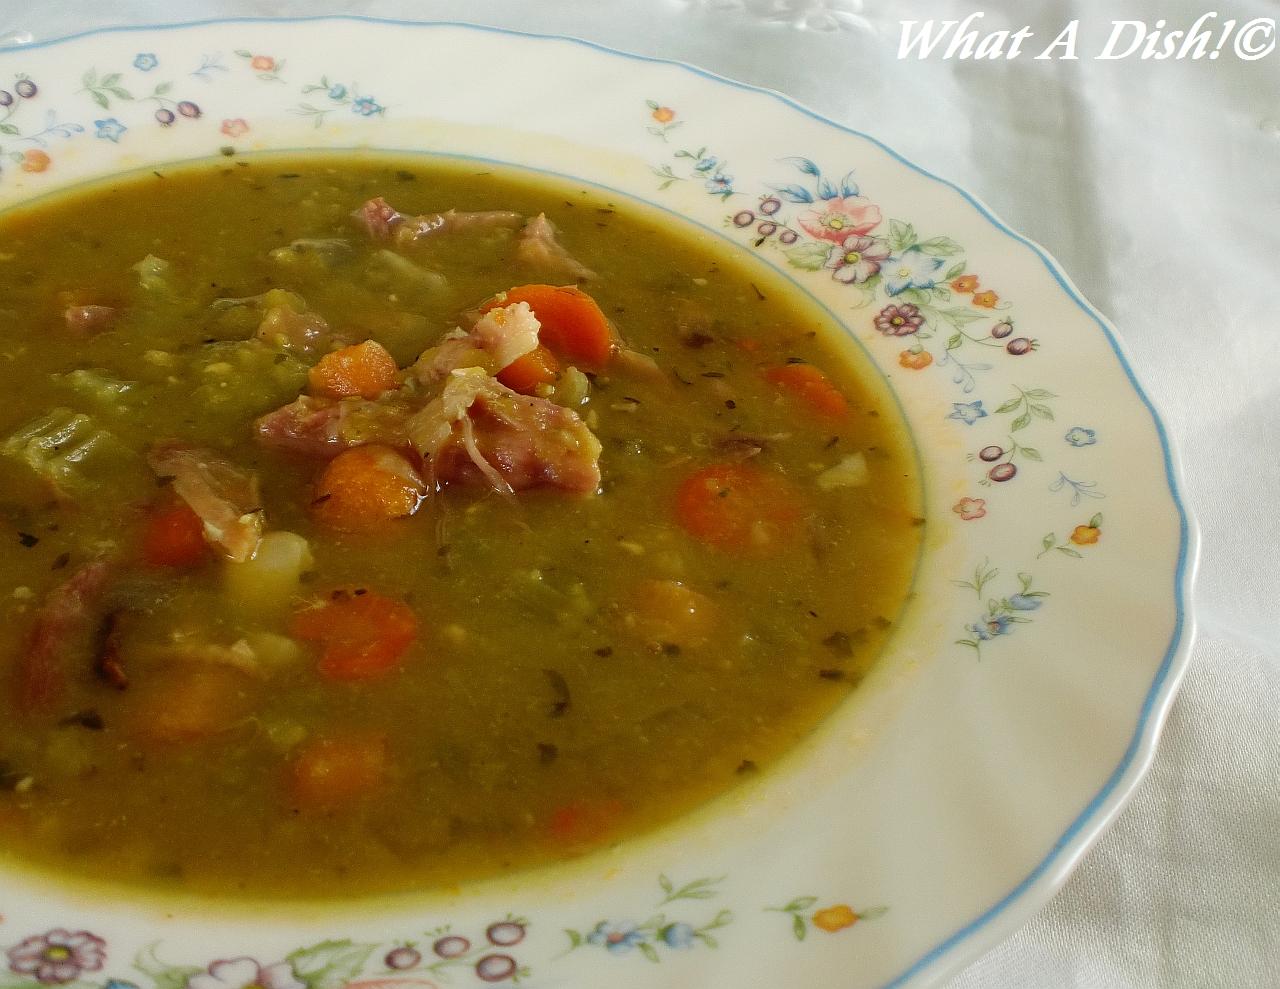 What A Dish!: Slow Cooker Ham & Split Pea Soup